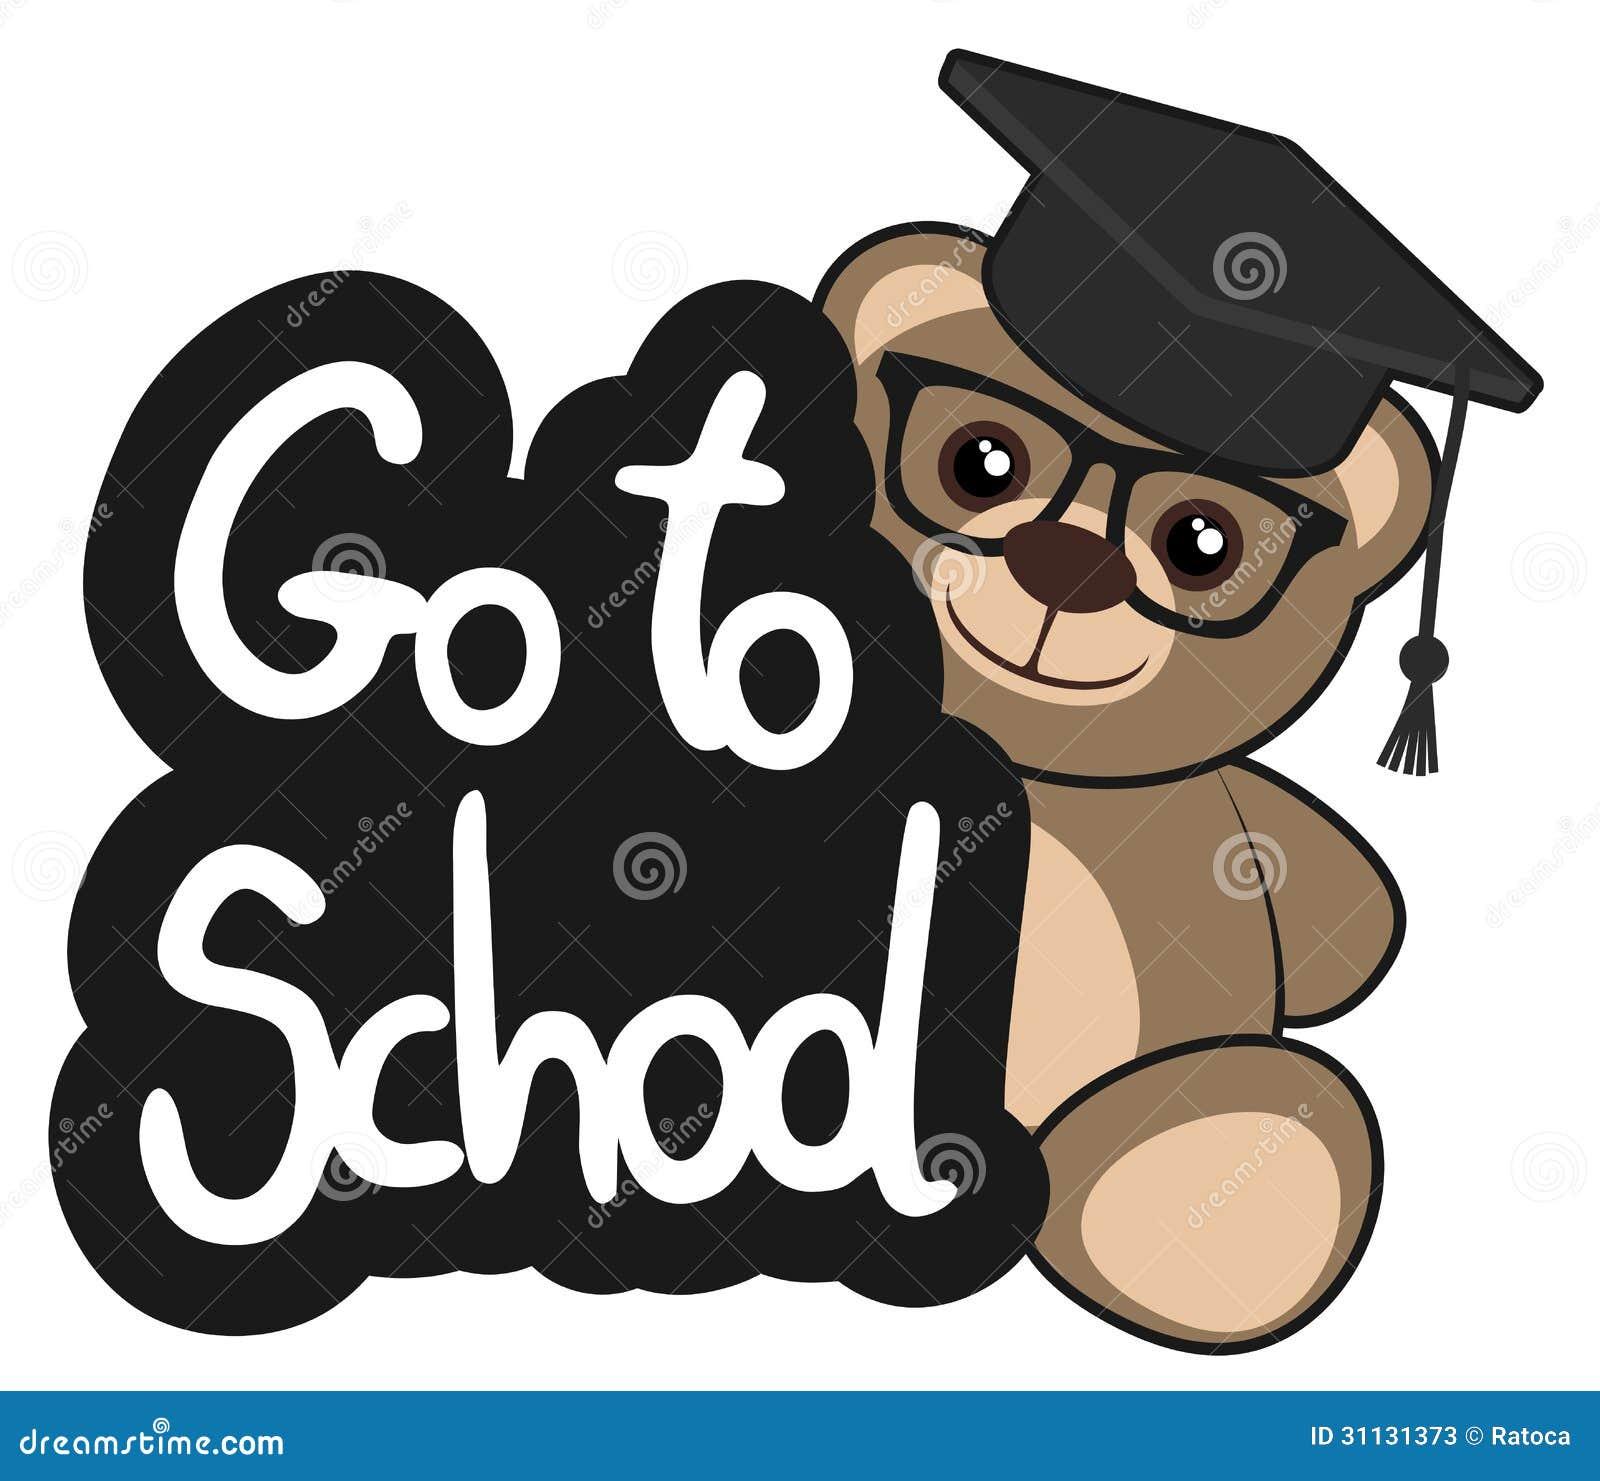 Go To School Stock Photos - Image: 31131373